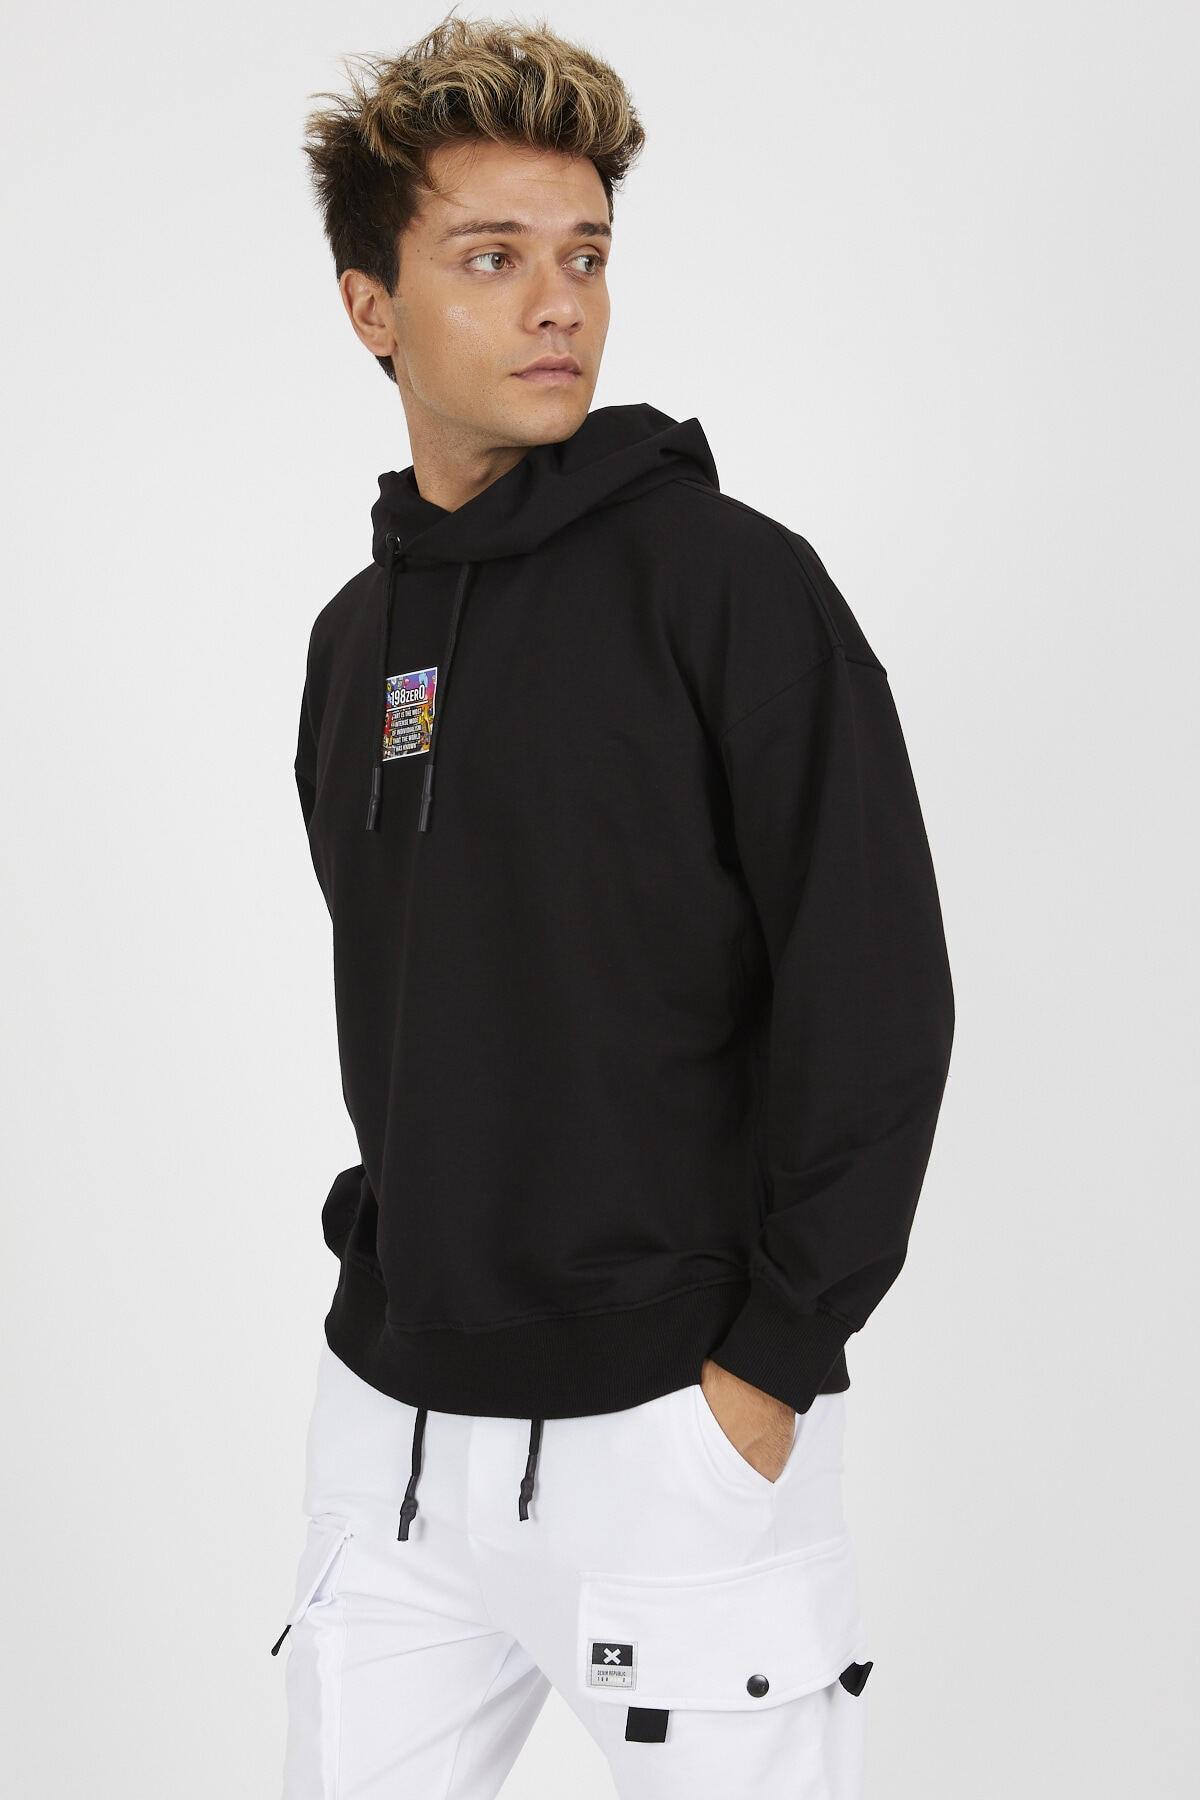 Denim Republic Erkek Siyah Baskılı Kapüşonlu Oversize Sweatshirt 2